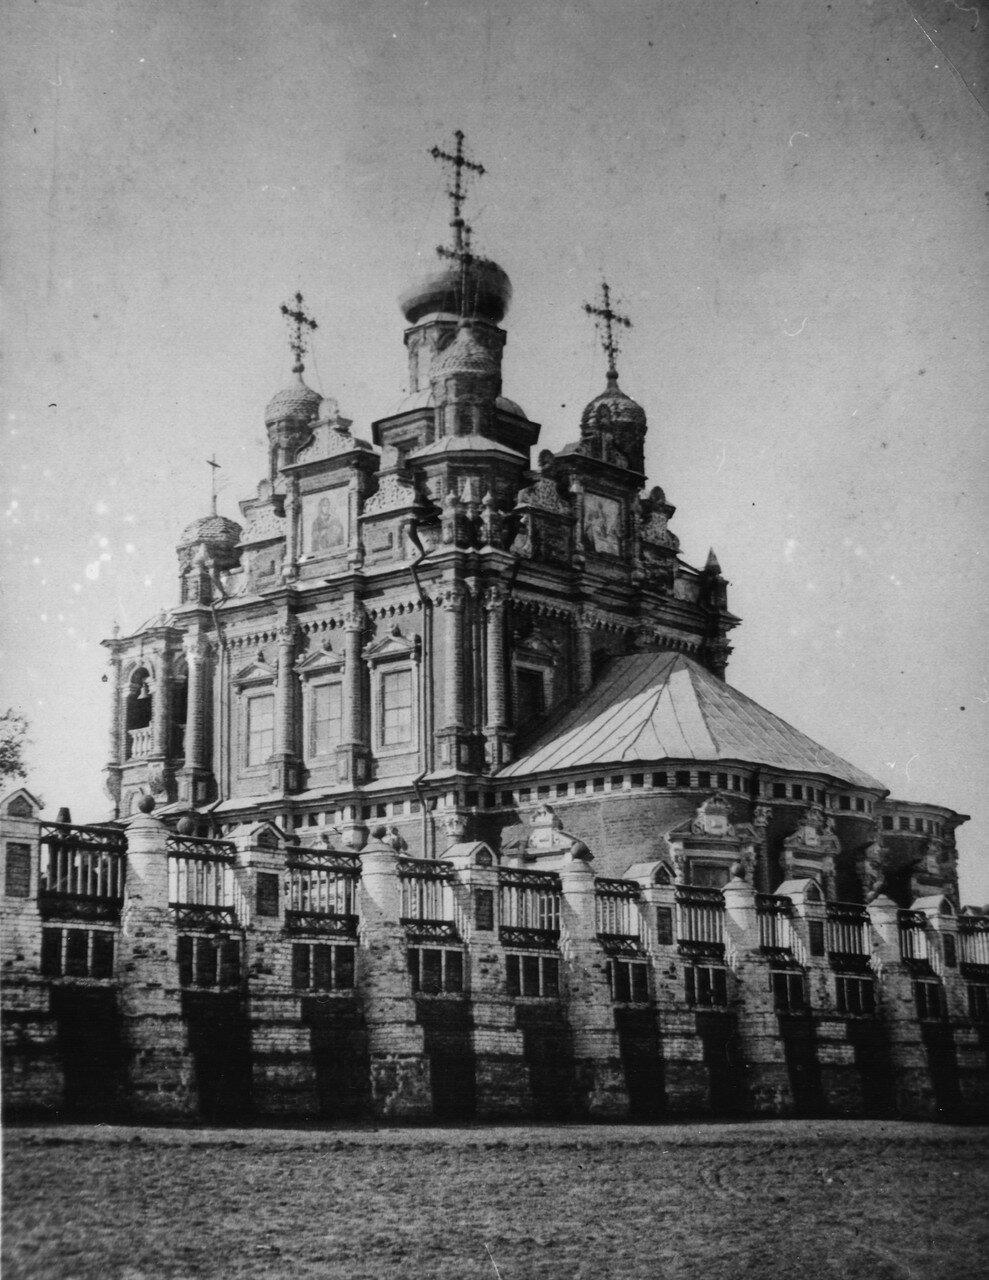 Село Гордеевка. Церковь Смоленской иконы Божьей Матери 1890-е